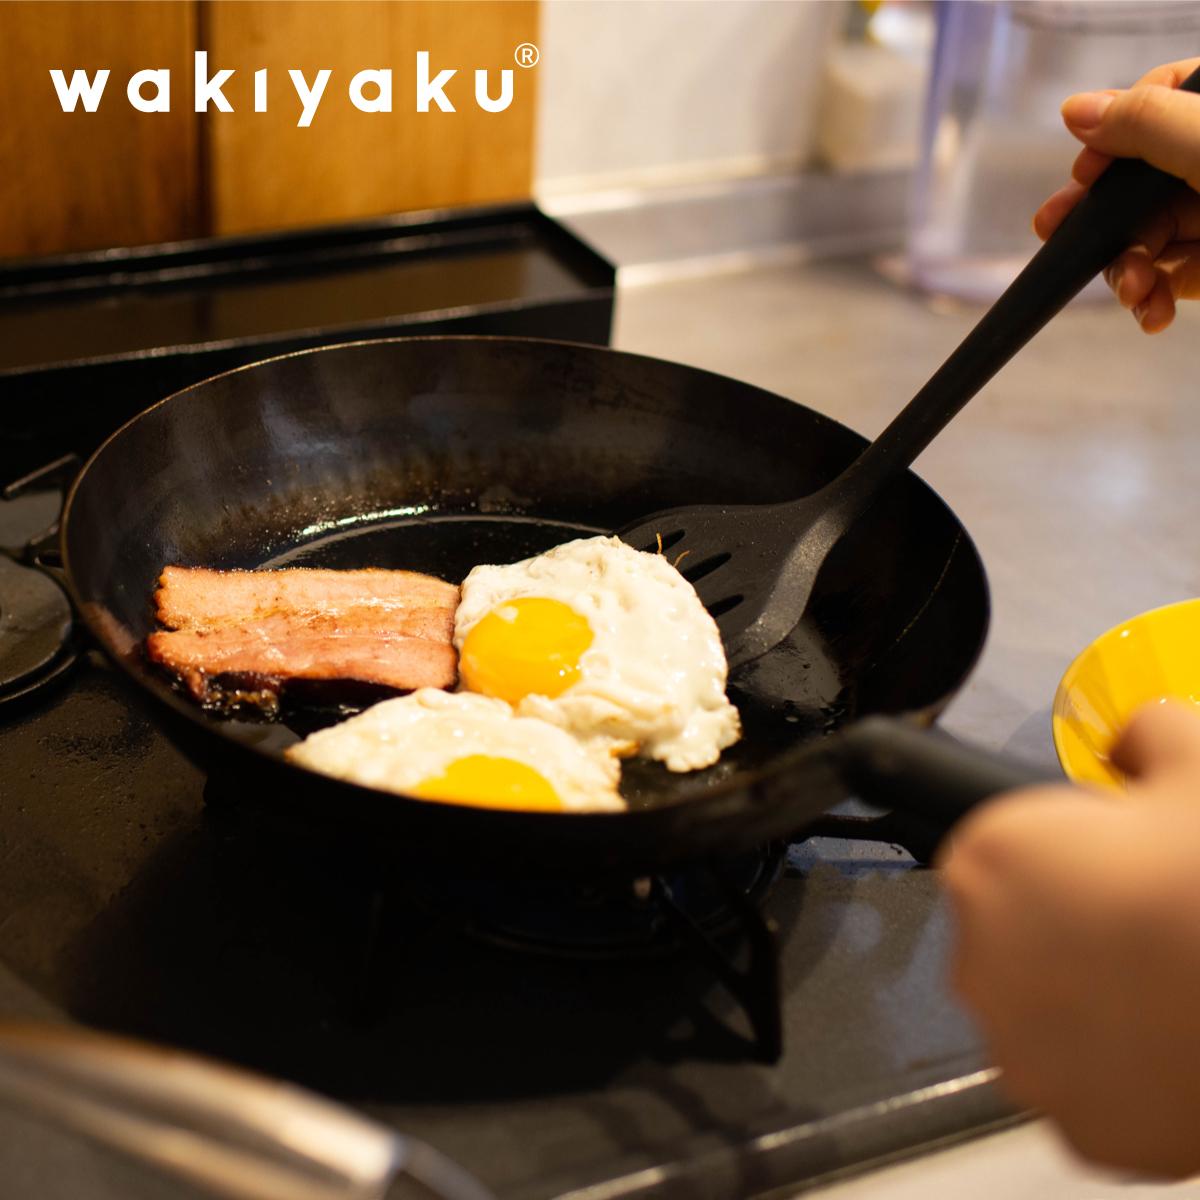 割り引き wakiyaku R シリコン フライ返し シリコーン ターナー ターナーキッチン キッチンツール 耐熱 ブラック おしゃれ 黒 食洗器対応 調理器具ツール 安全 大幅値下げランキング シンプル ネコポス送料無料